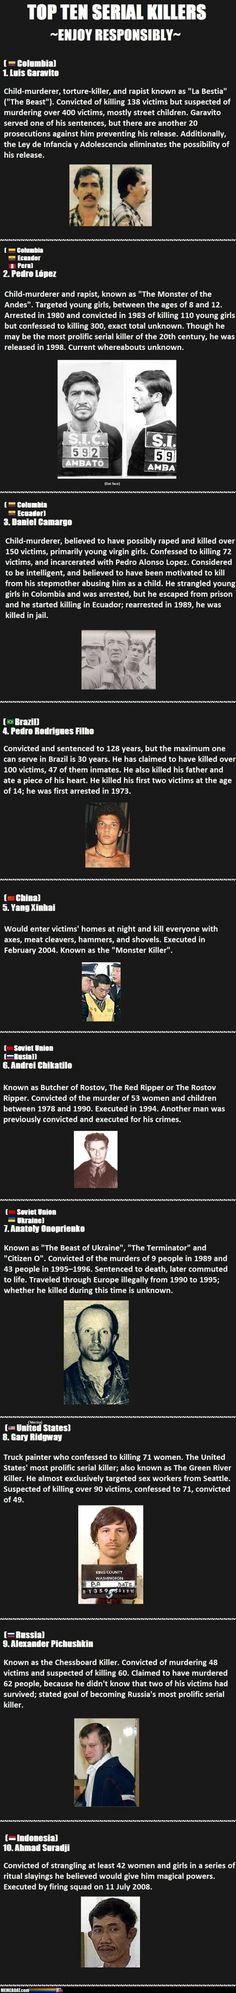 Top Ten Most Serial Killers